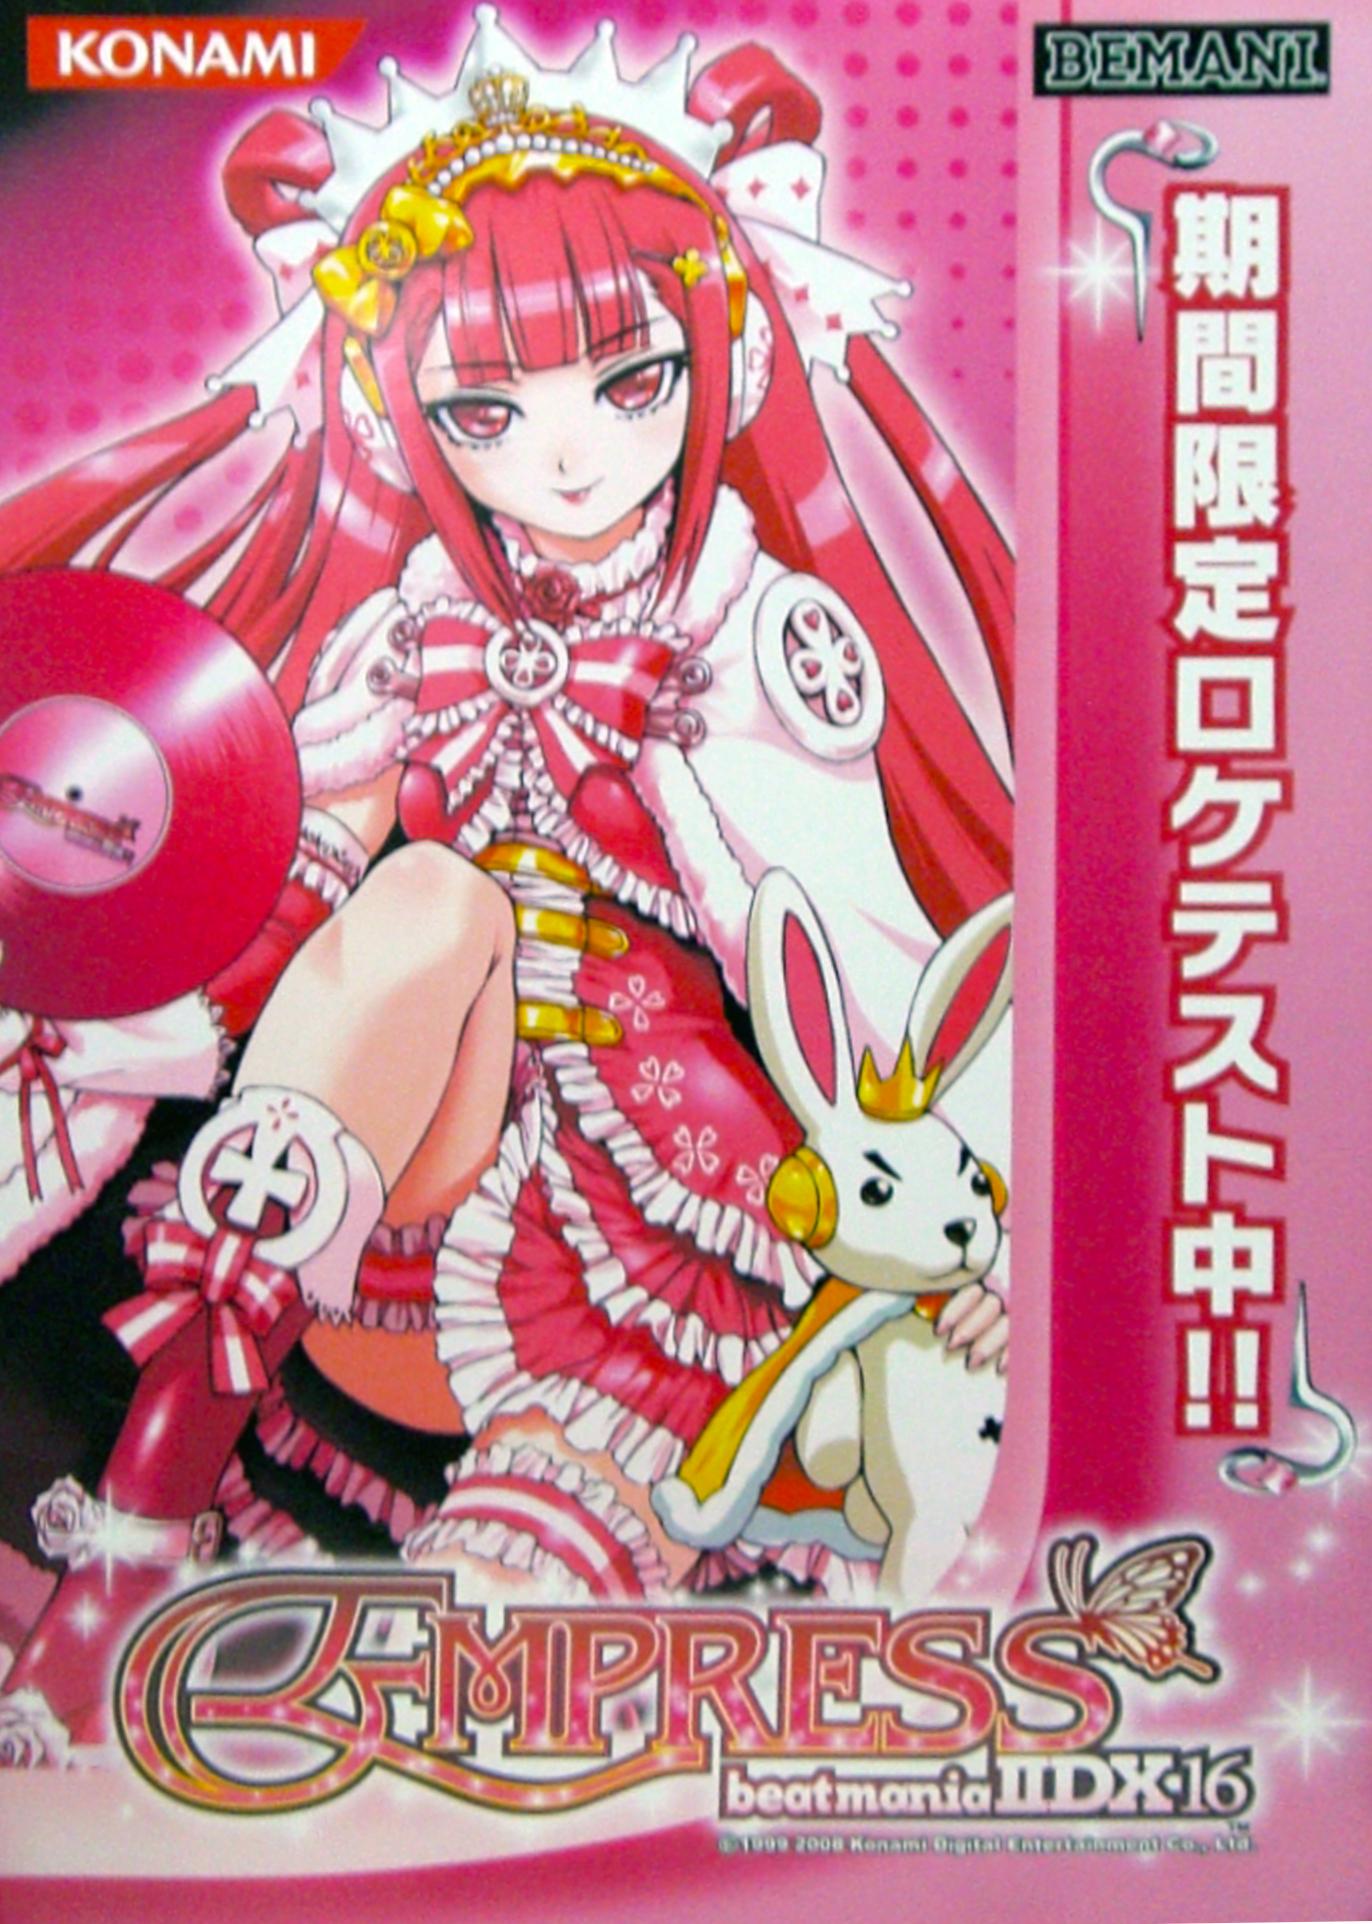 http://fc03.deviantart.net/fs70/f/2012/113/a/b/beatmania_empress_poster_by_ddrgtr-d4xajx3.jpg